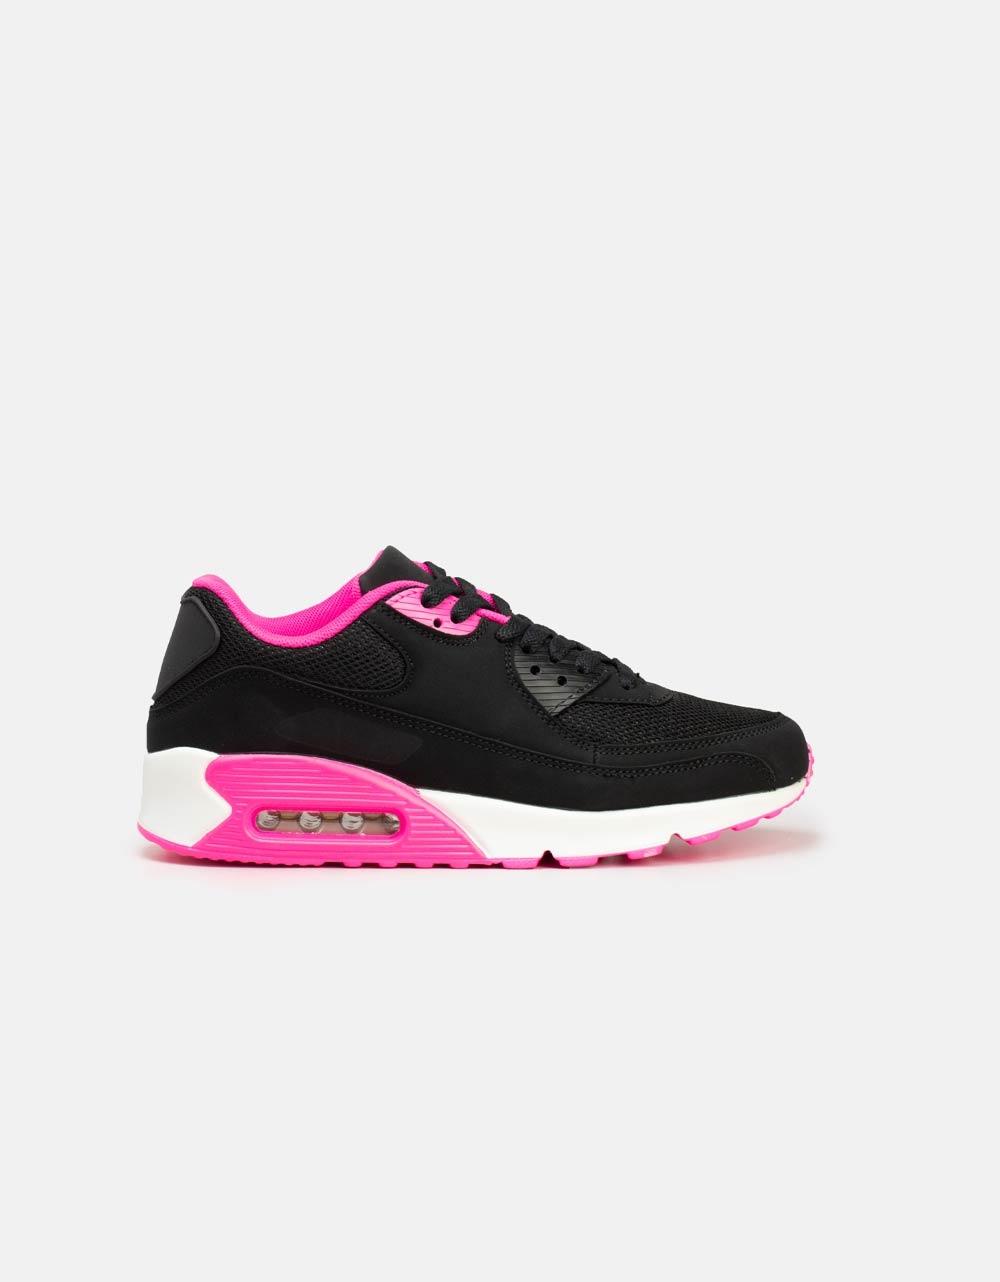 Εικόνα από Γυναικεία sneaker με δίχρωμες λεπτομέρειες Μαύρο/Φούξια